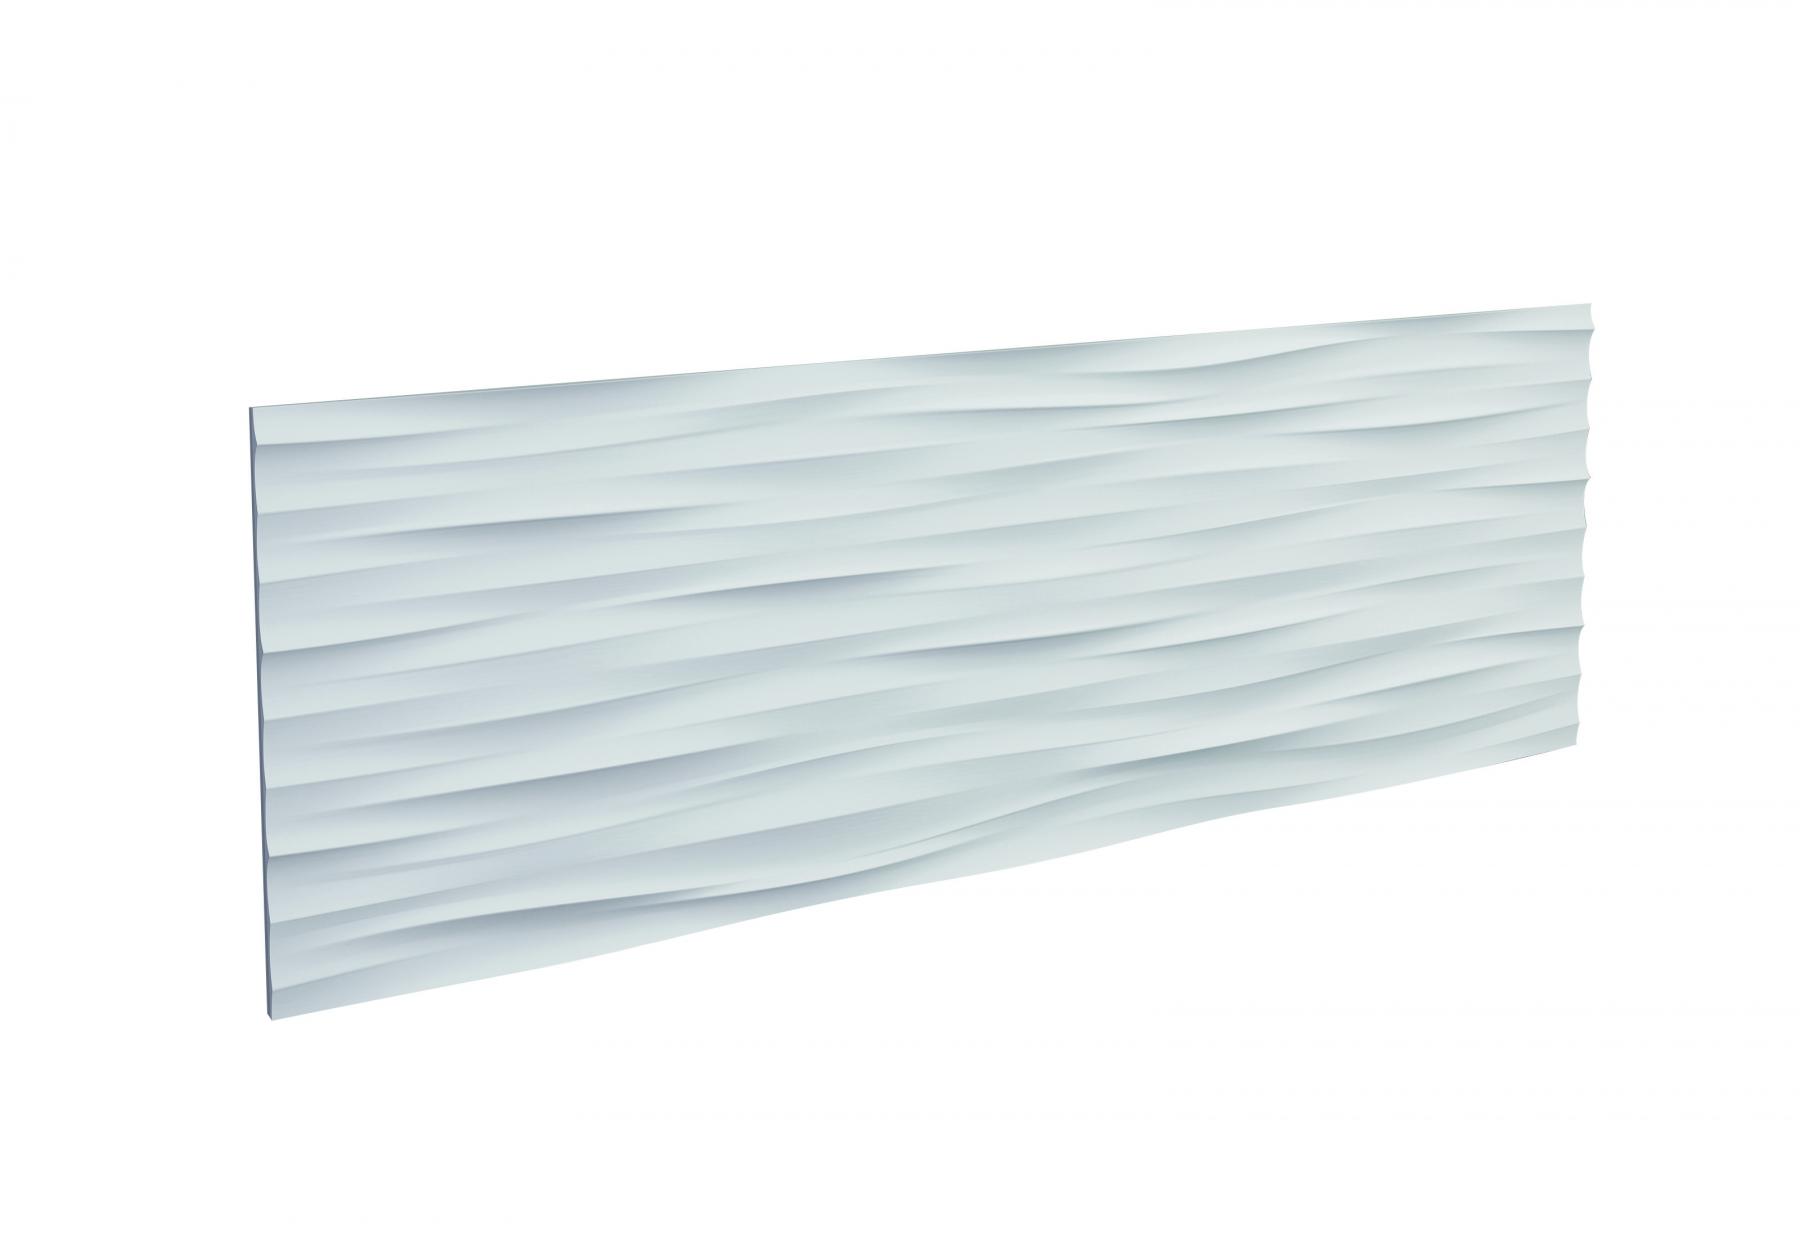 Stratos - Pannello 3D in poliuretano - Decorget - Ital Decori - Image 0